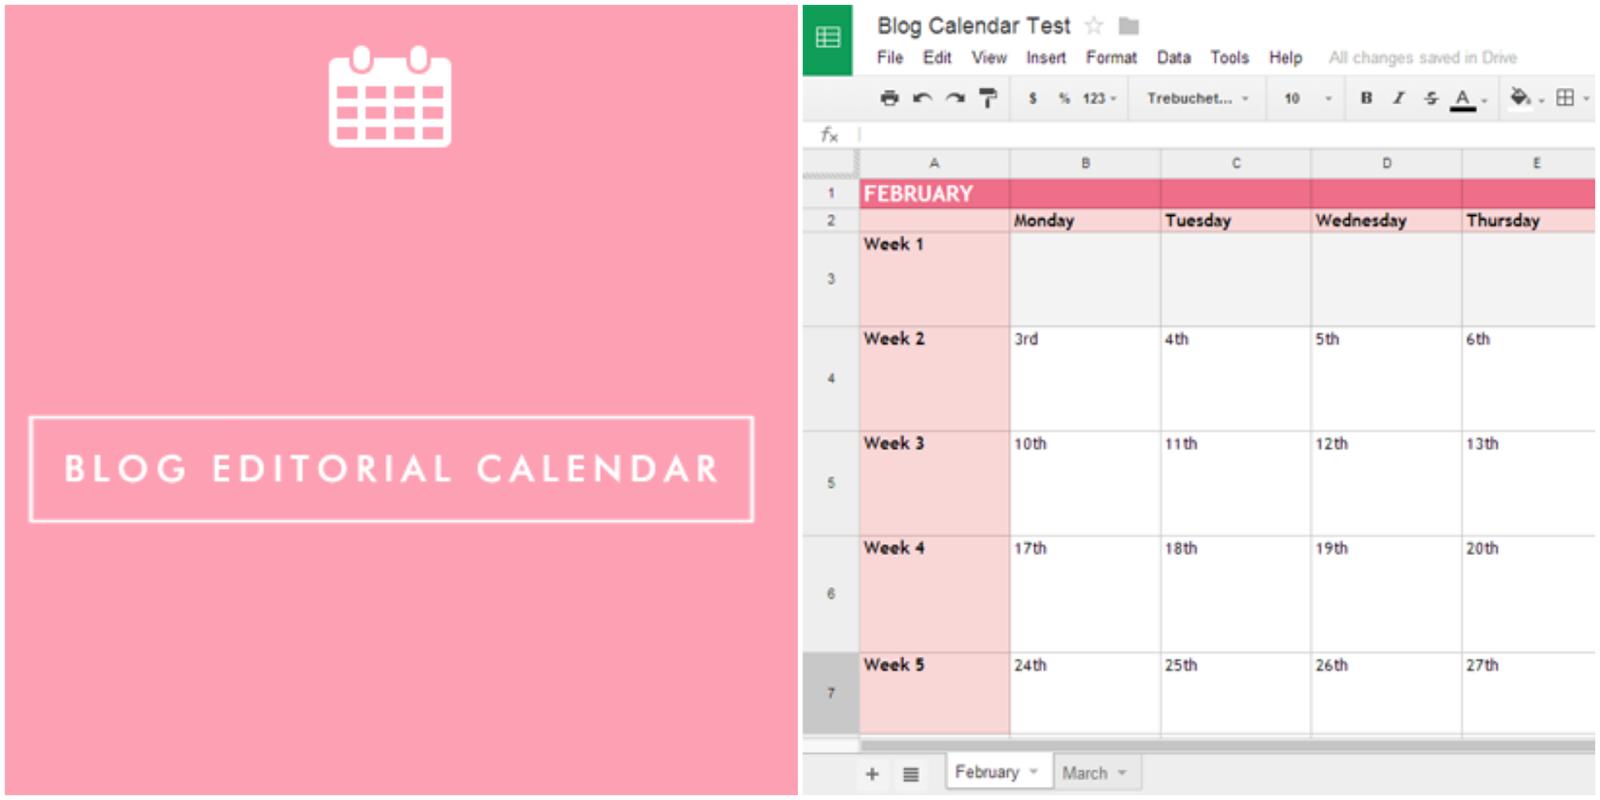 Blog Editorial Calendar How To